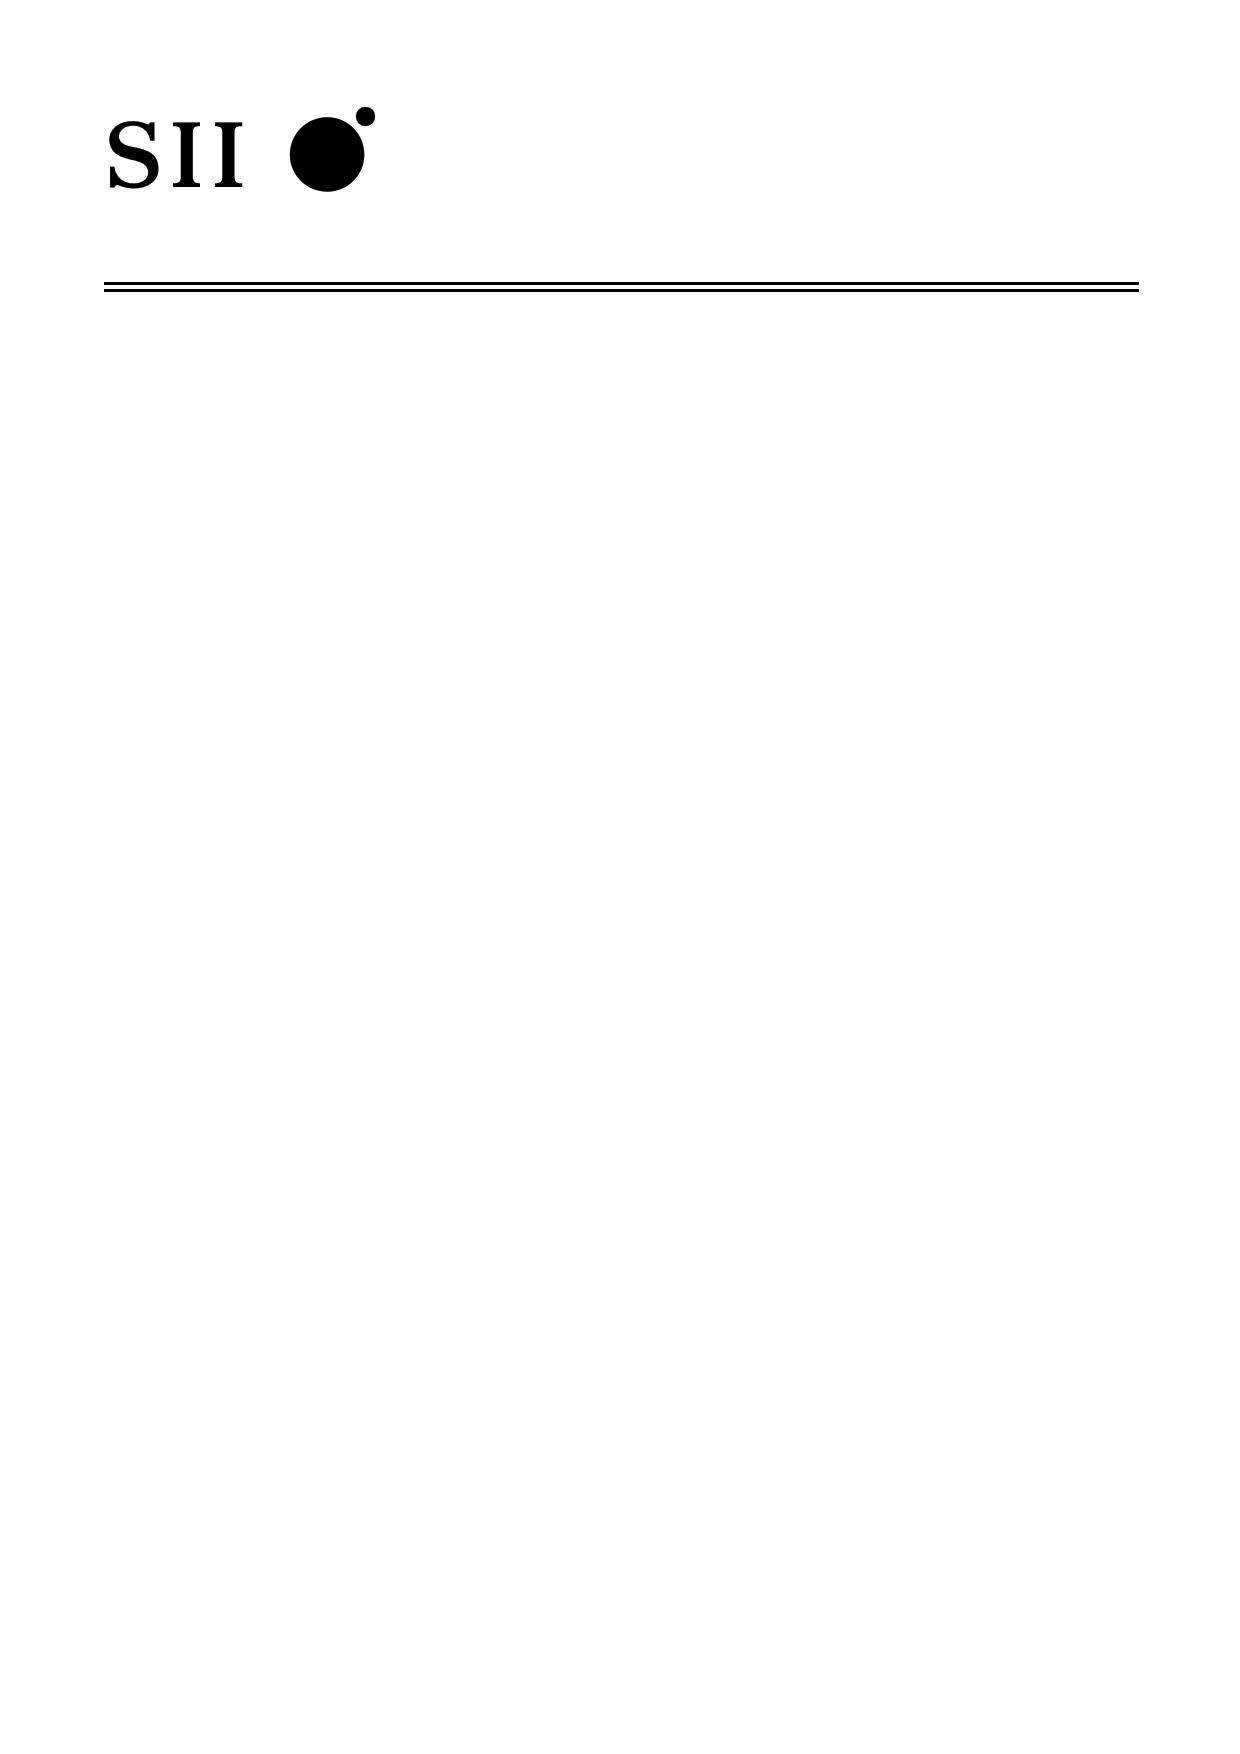 S-1112 Даташит, Описание, Даташиты